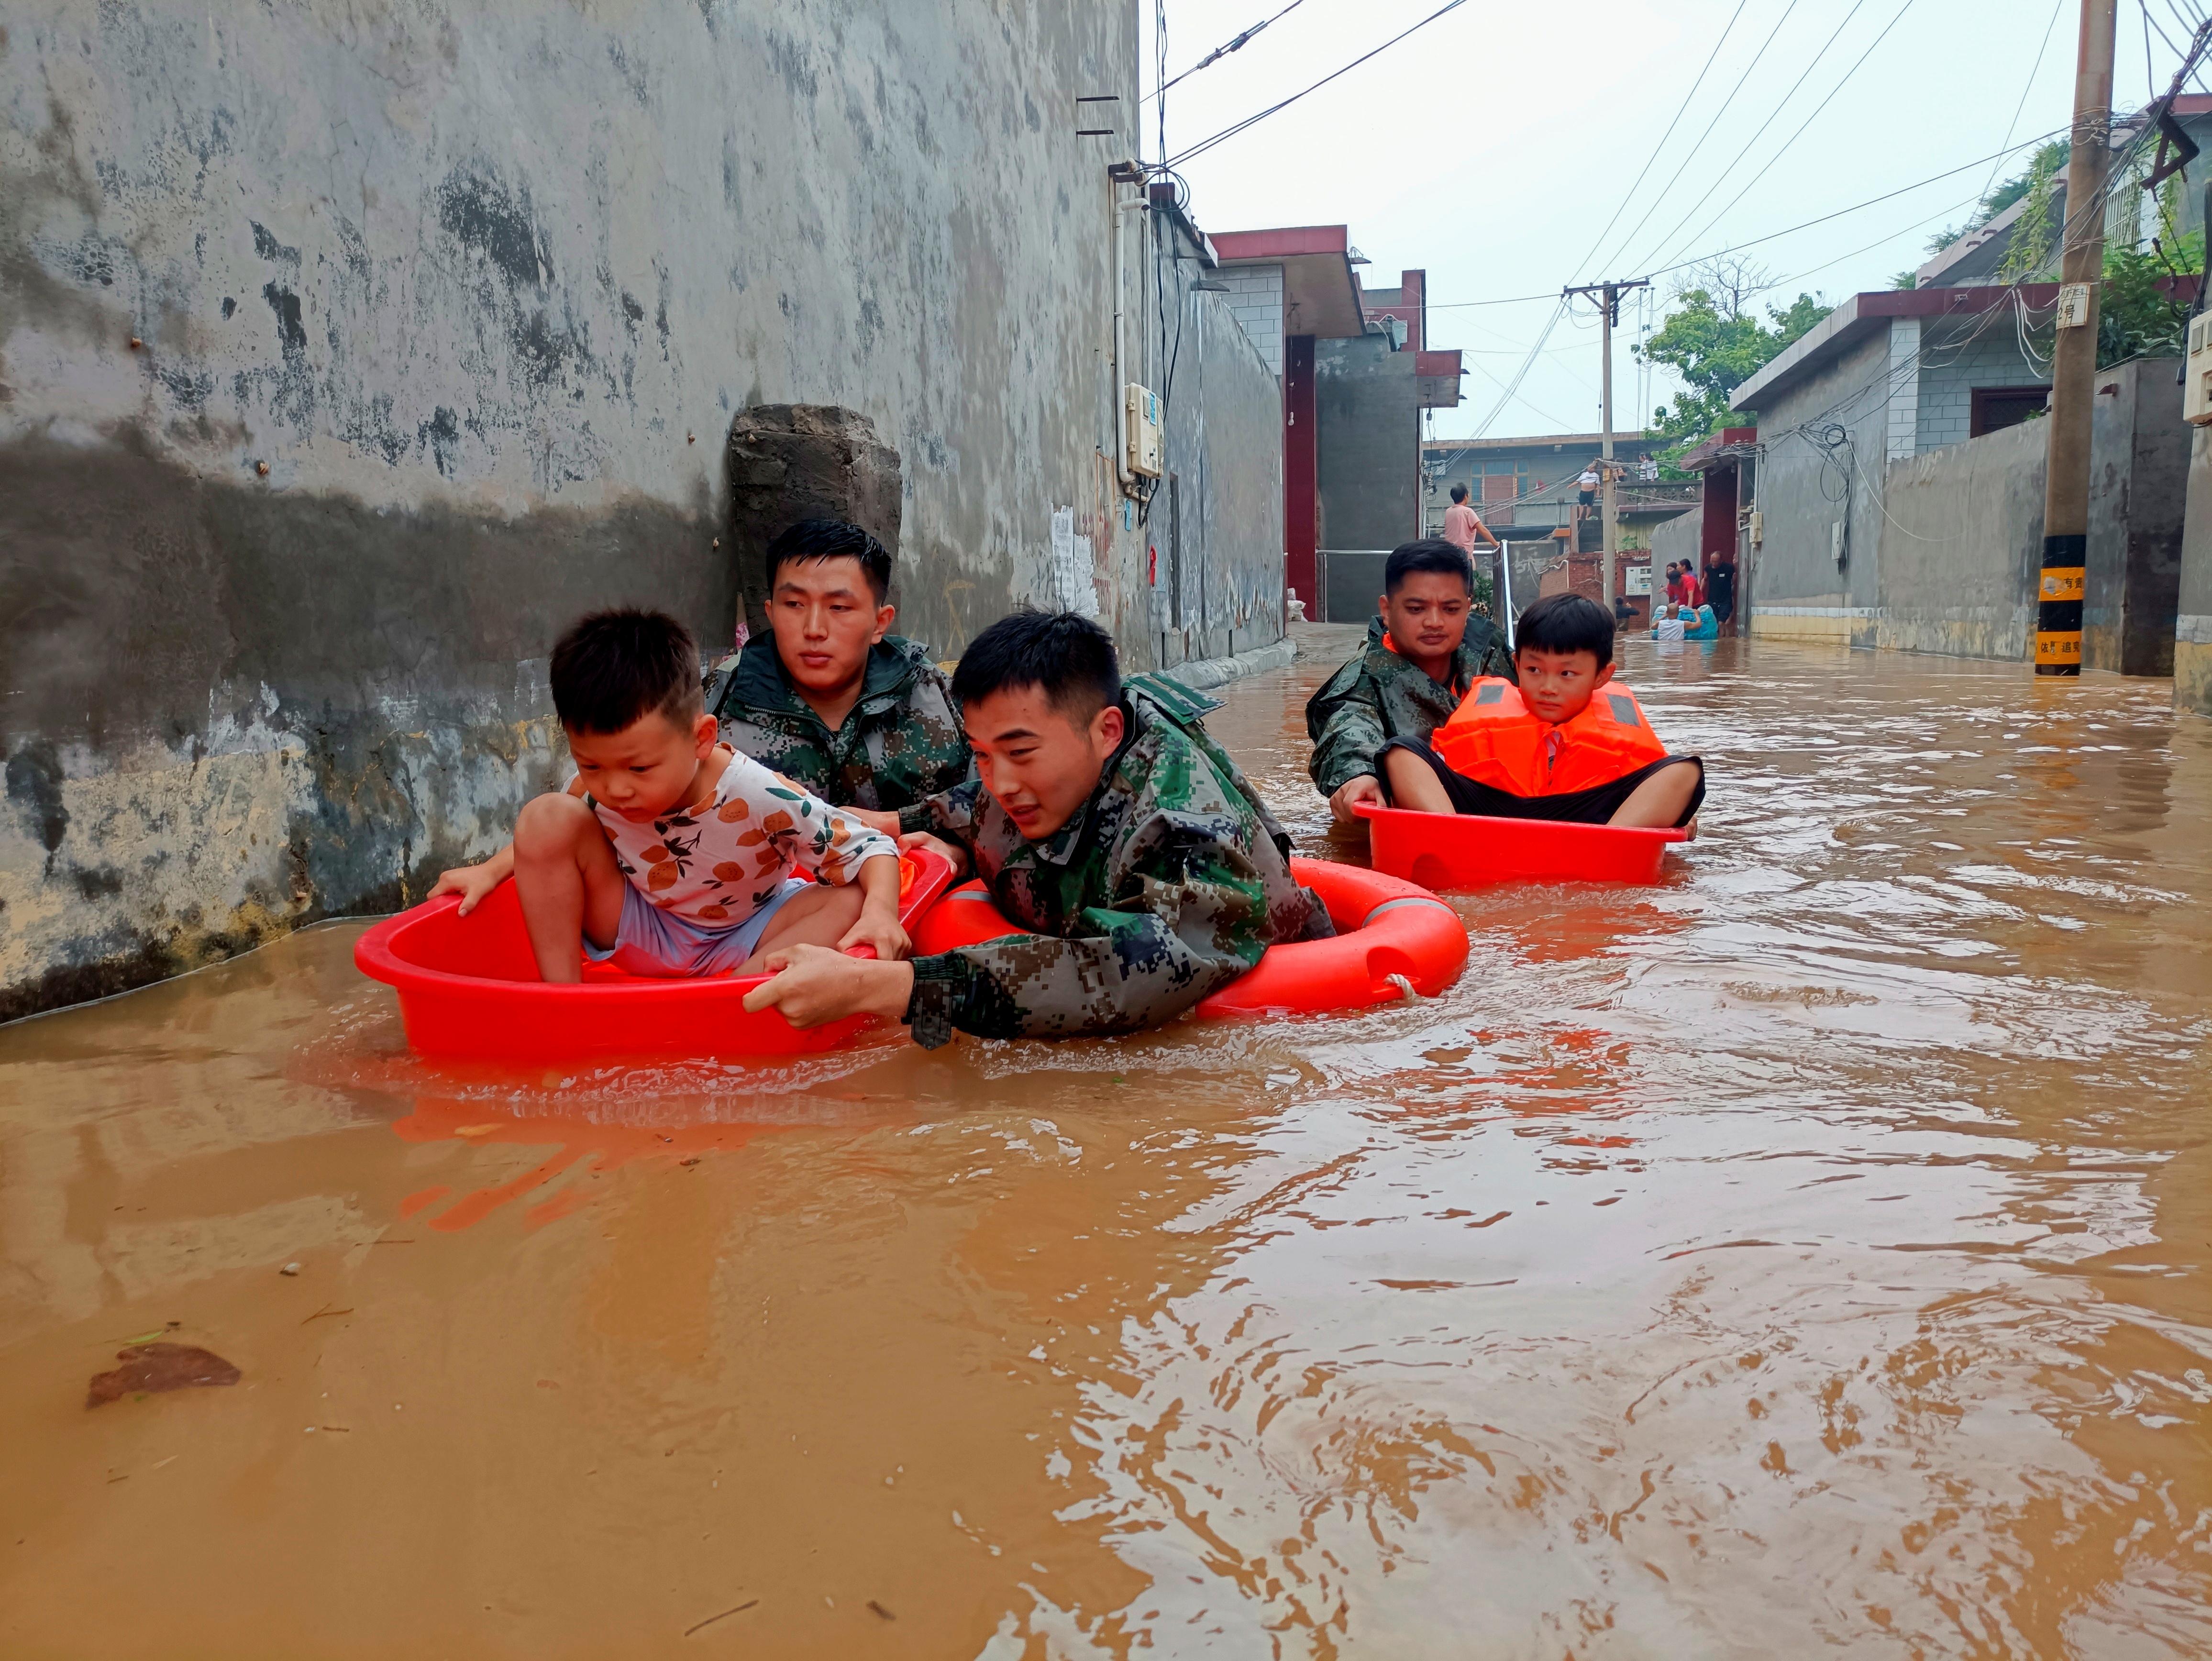 Các binh sĩ của Quân đội Giải phóng Nhân dân Trung Quốc (PLA) sơ tán trẻ em bị mắc kẹt trong nước lũ tại các lưu vực ở Weihui thuộc Tân Hương, tỉnh Hà Nam, Trung Quốc ngày 22 tháng 7 năm 2021. Hình ảnh chụp ngày 22 tháng 7 năm 2021. cnsphoto qua REUTERS ATTENTION EDITORS - HÌNH ẢNH NÀY ĐƯỢC CUNG CẤP BỞI THỨ BA BUỔI TIỆC.  TRUNG QUỐC RA ĐỜI.